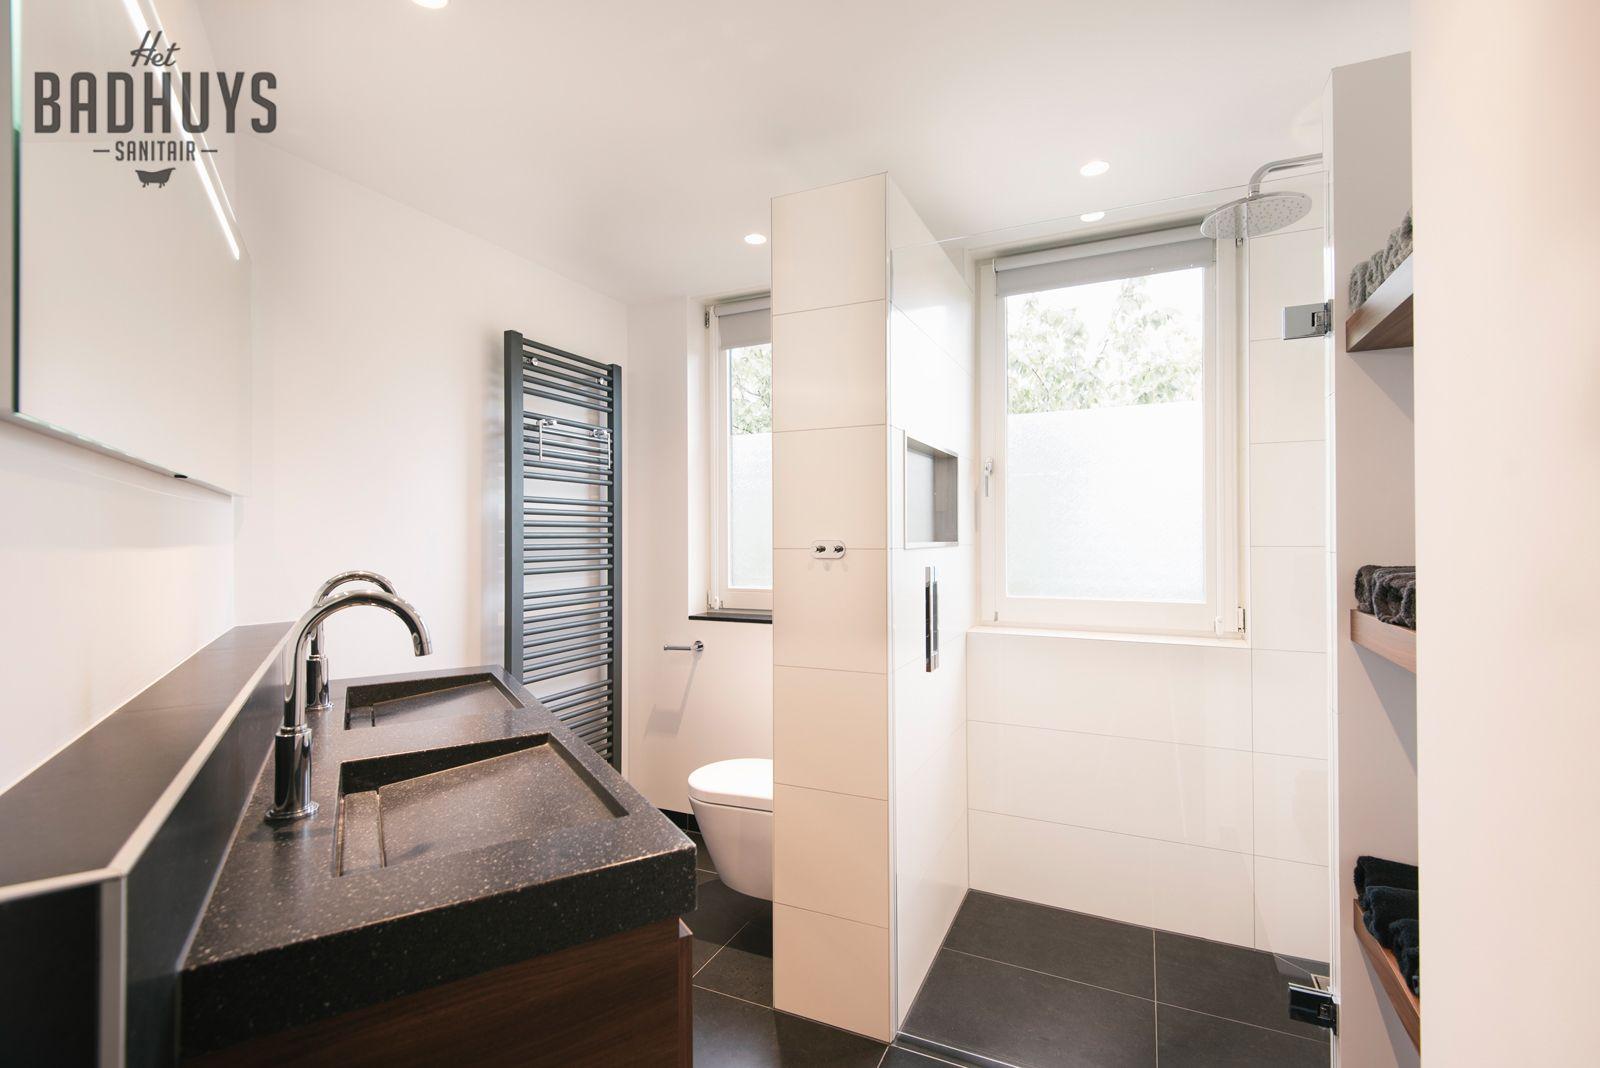 Badkamer Op Maat : Moderne badkamer met ruime inloopdouche en schapjes op maat